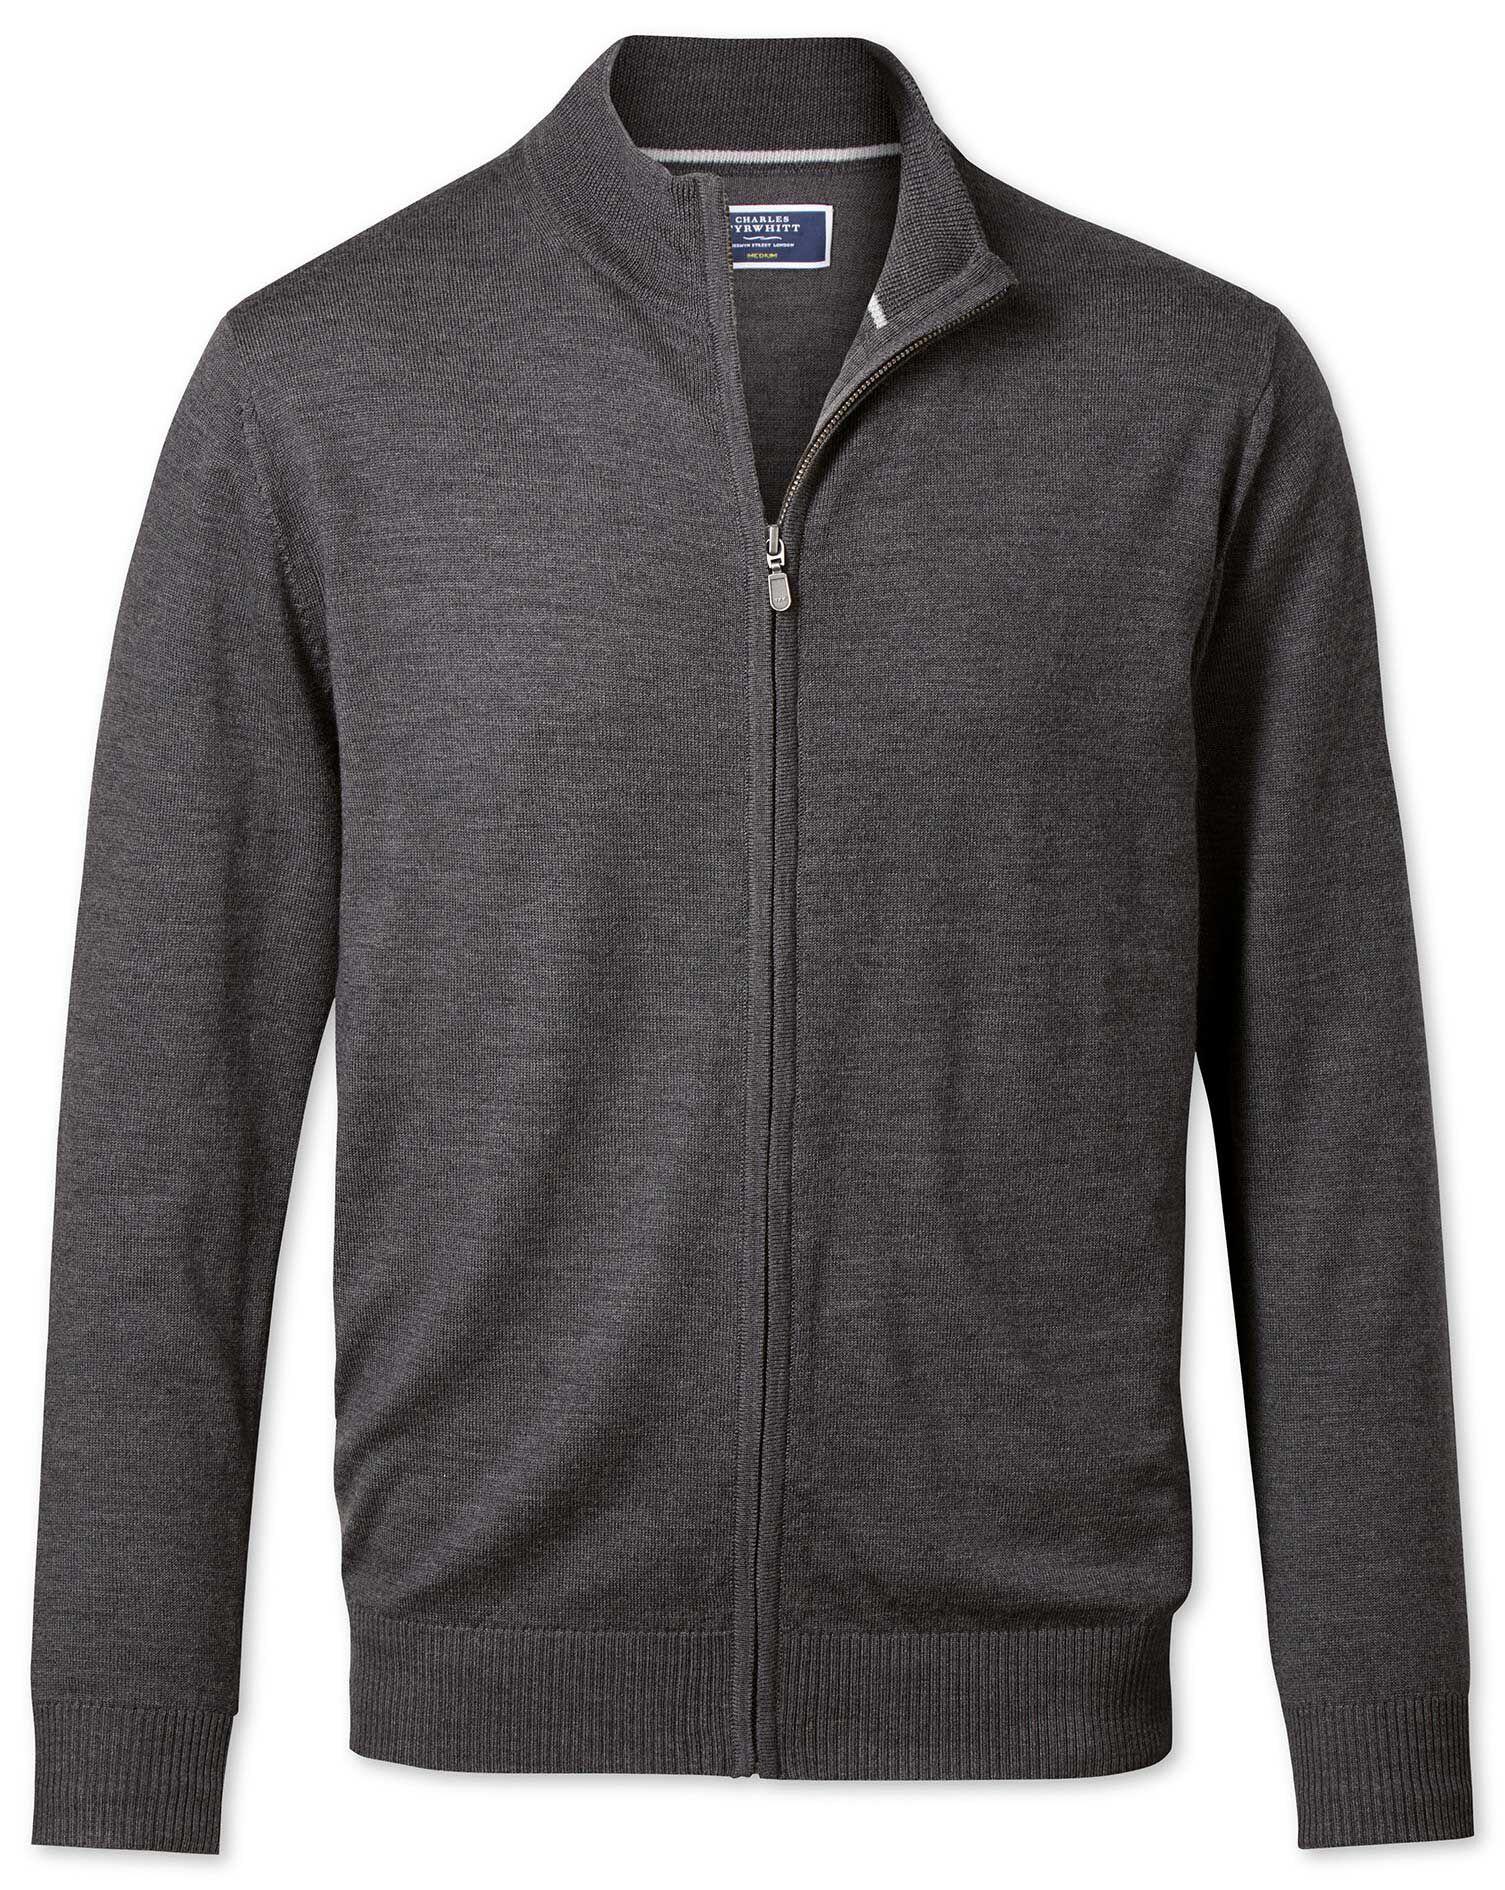 Charcoal Merino Wool Zip Through Cardigan Size Medium by Charles Tyrwhitt